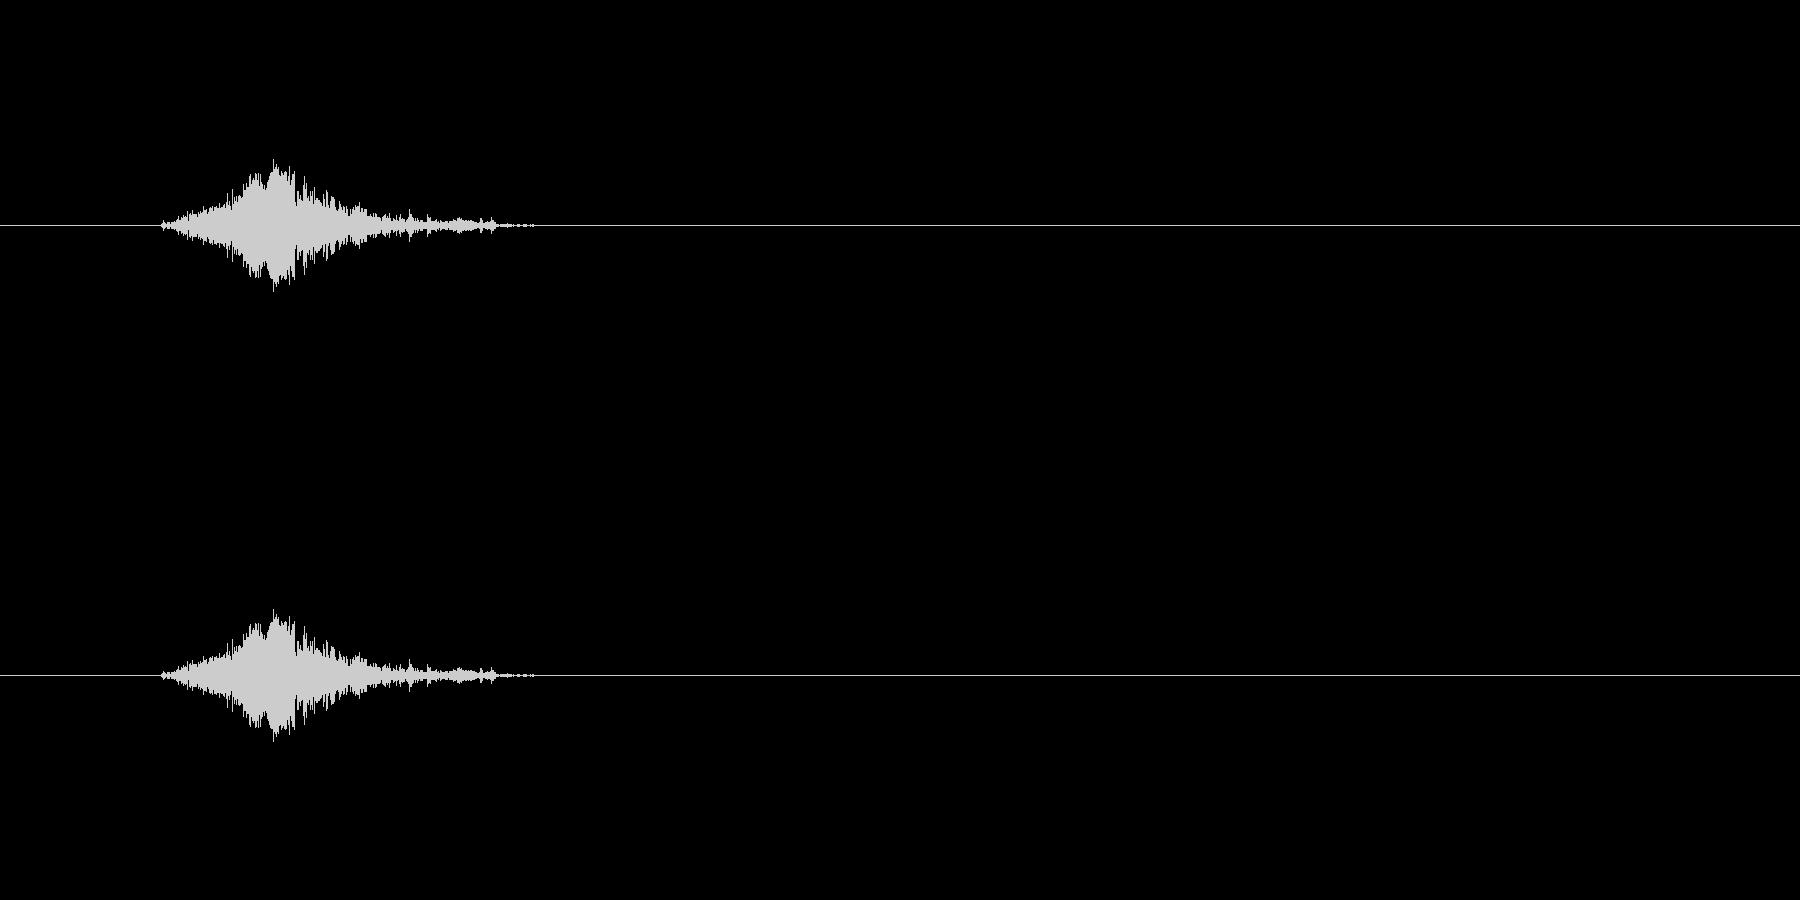 【筆箱02-4(閉じる)】の未再生の波形